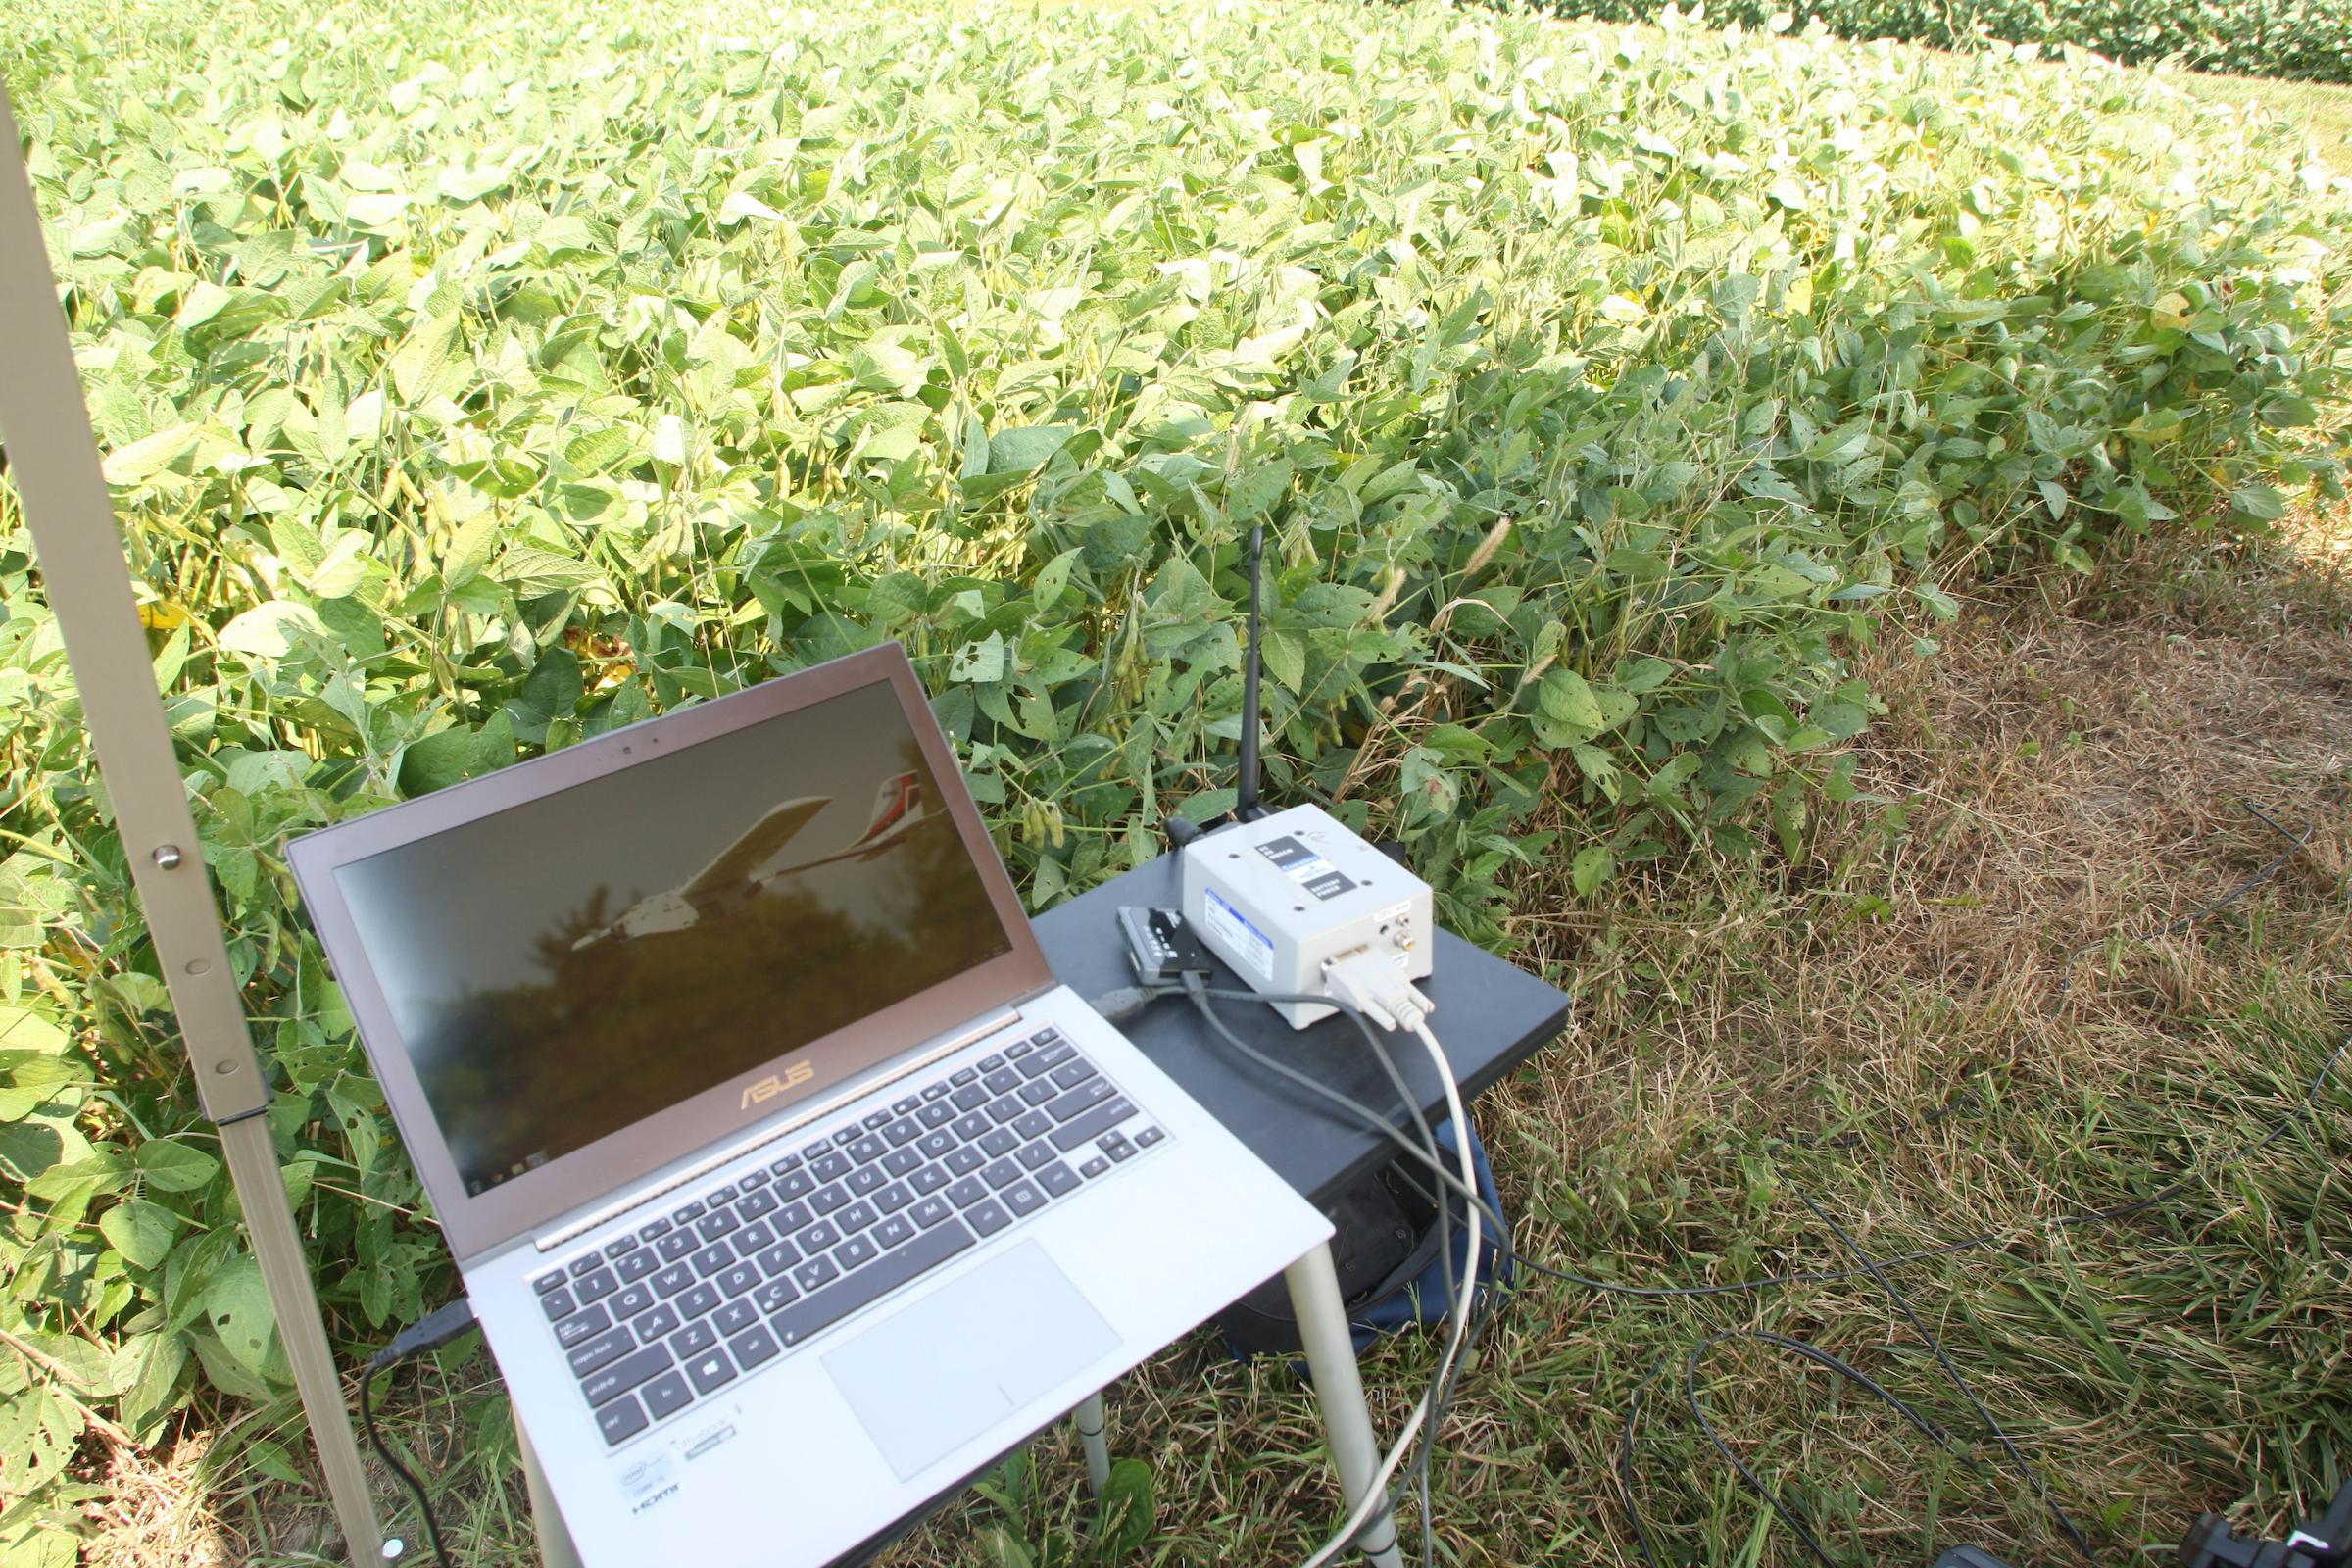 Purdue University's Digital Agriculture Initiative Advances